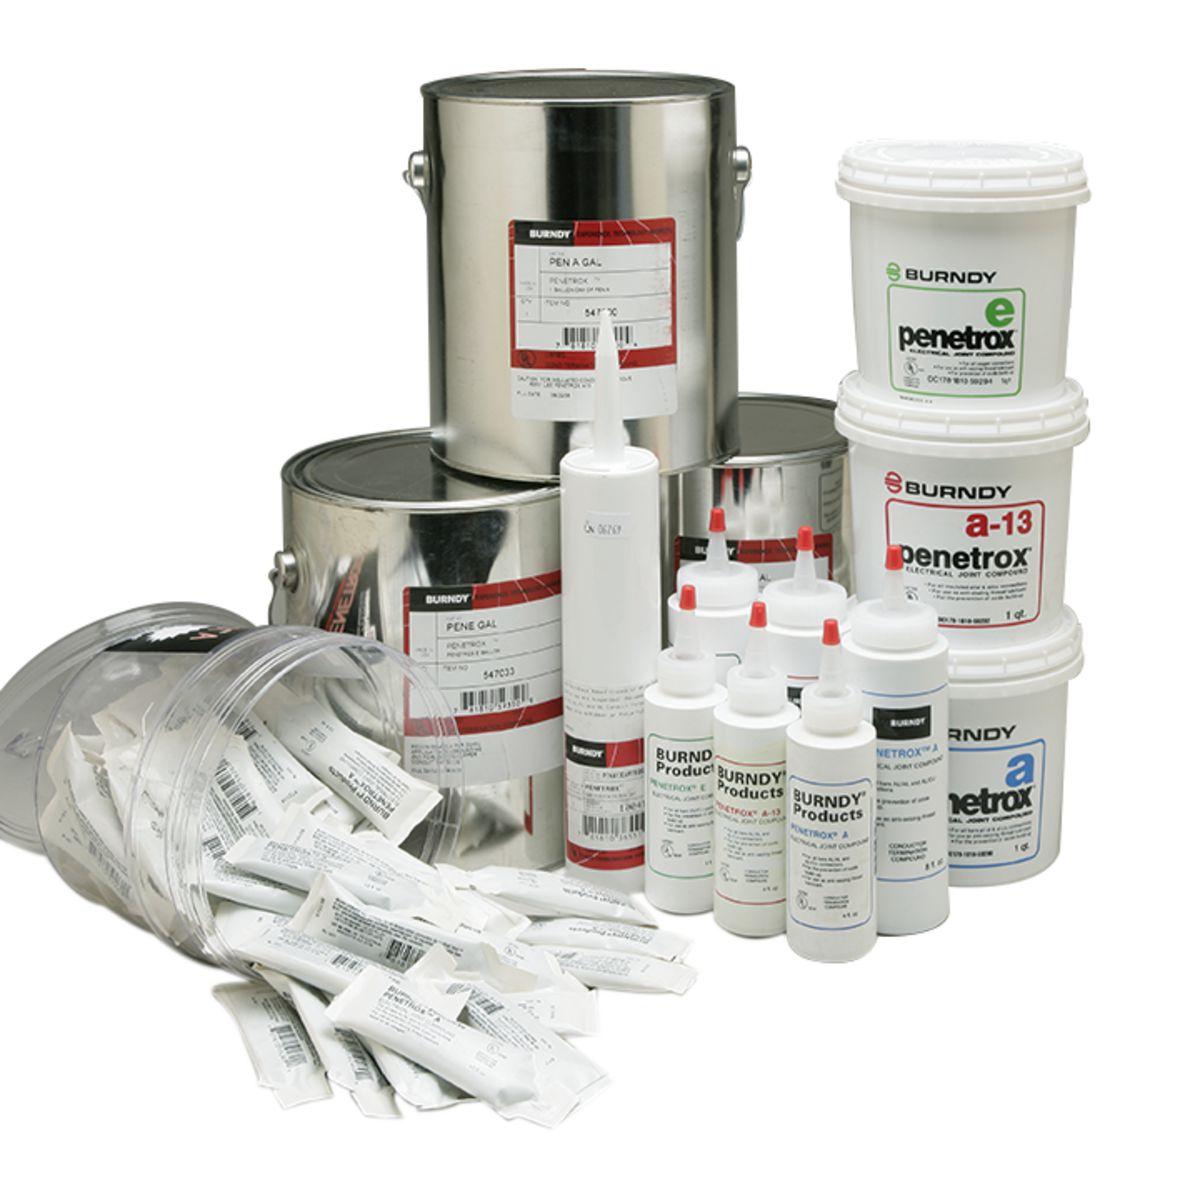 Burndy PENA13-4 PENETROX-E™ Joint Compound - 4oz Squeeze Bottle